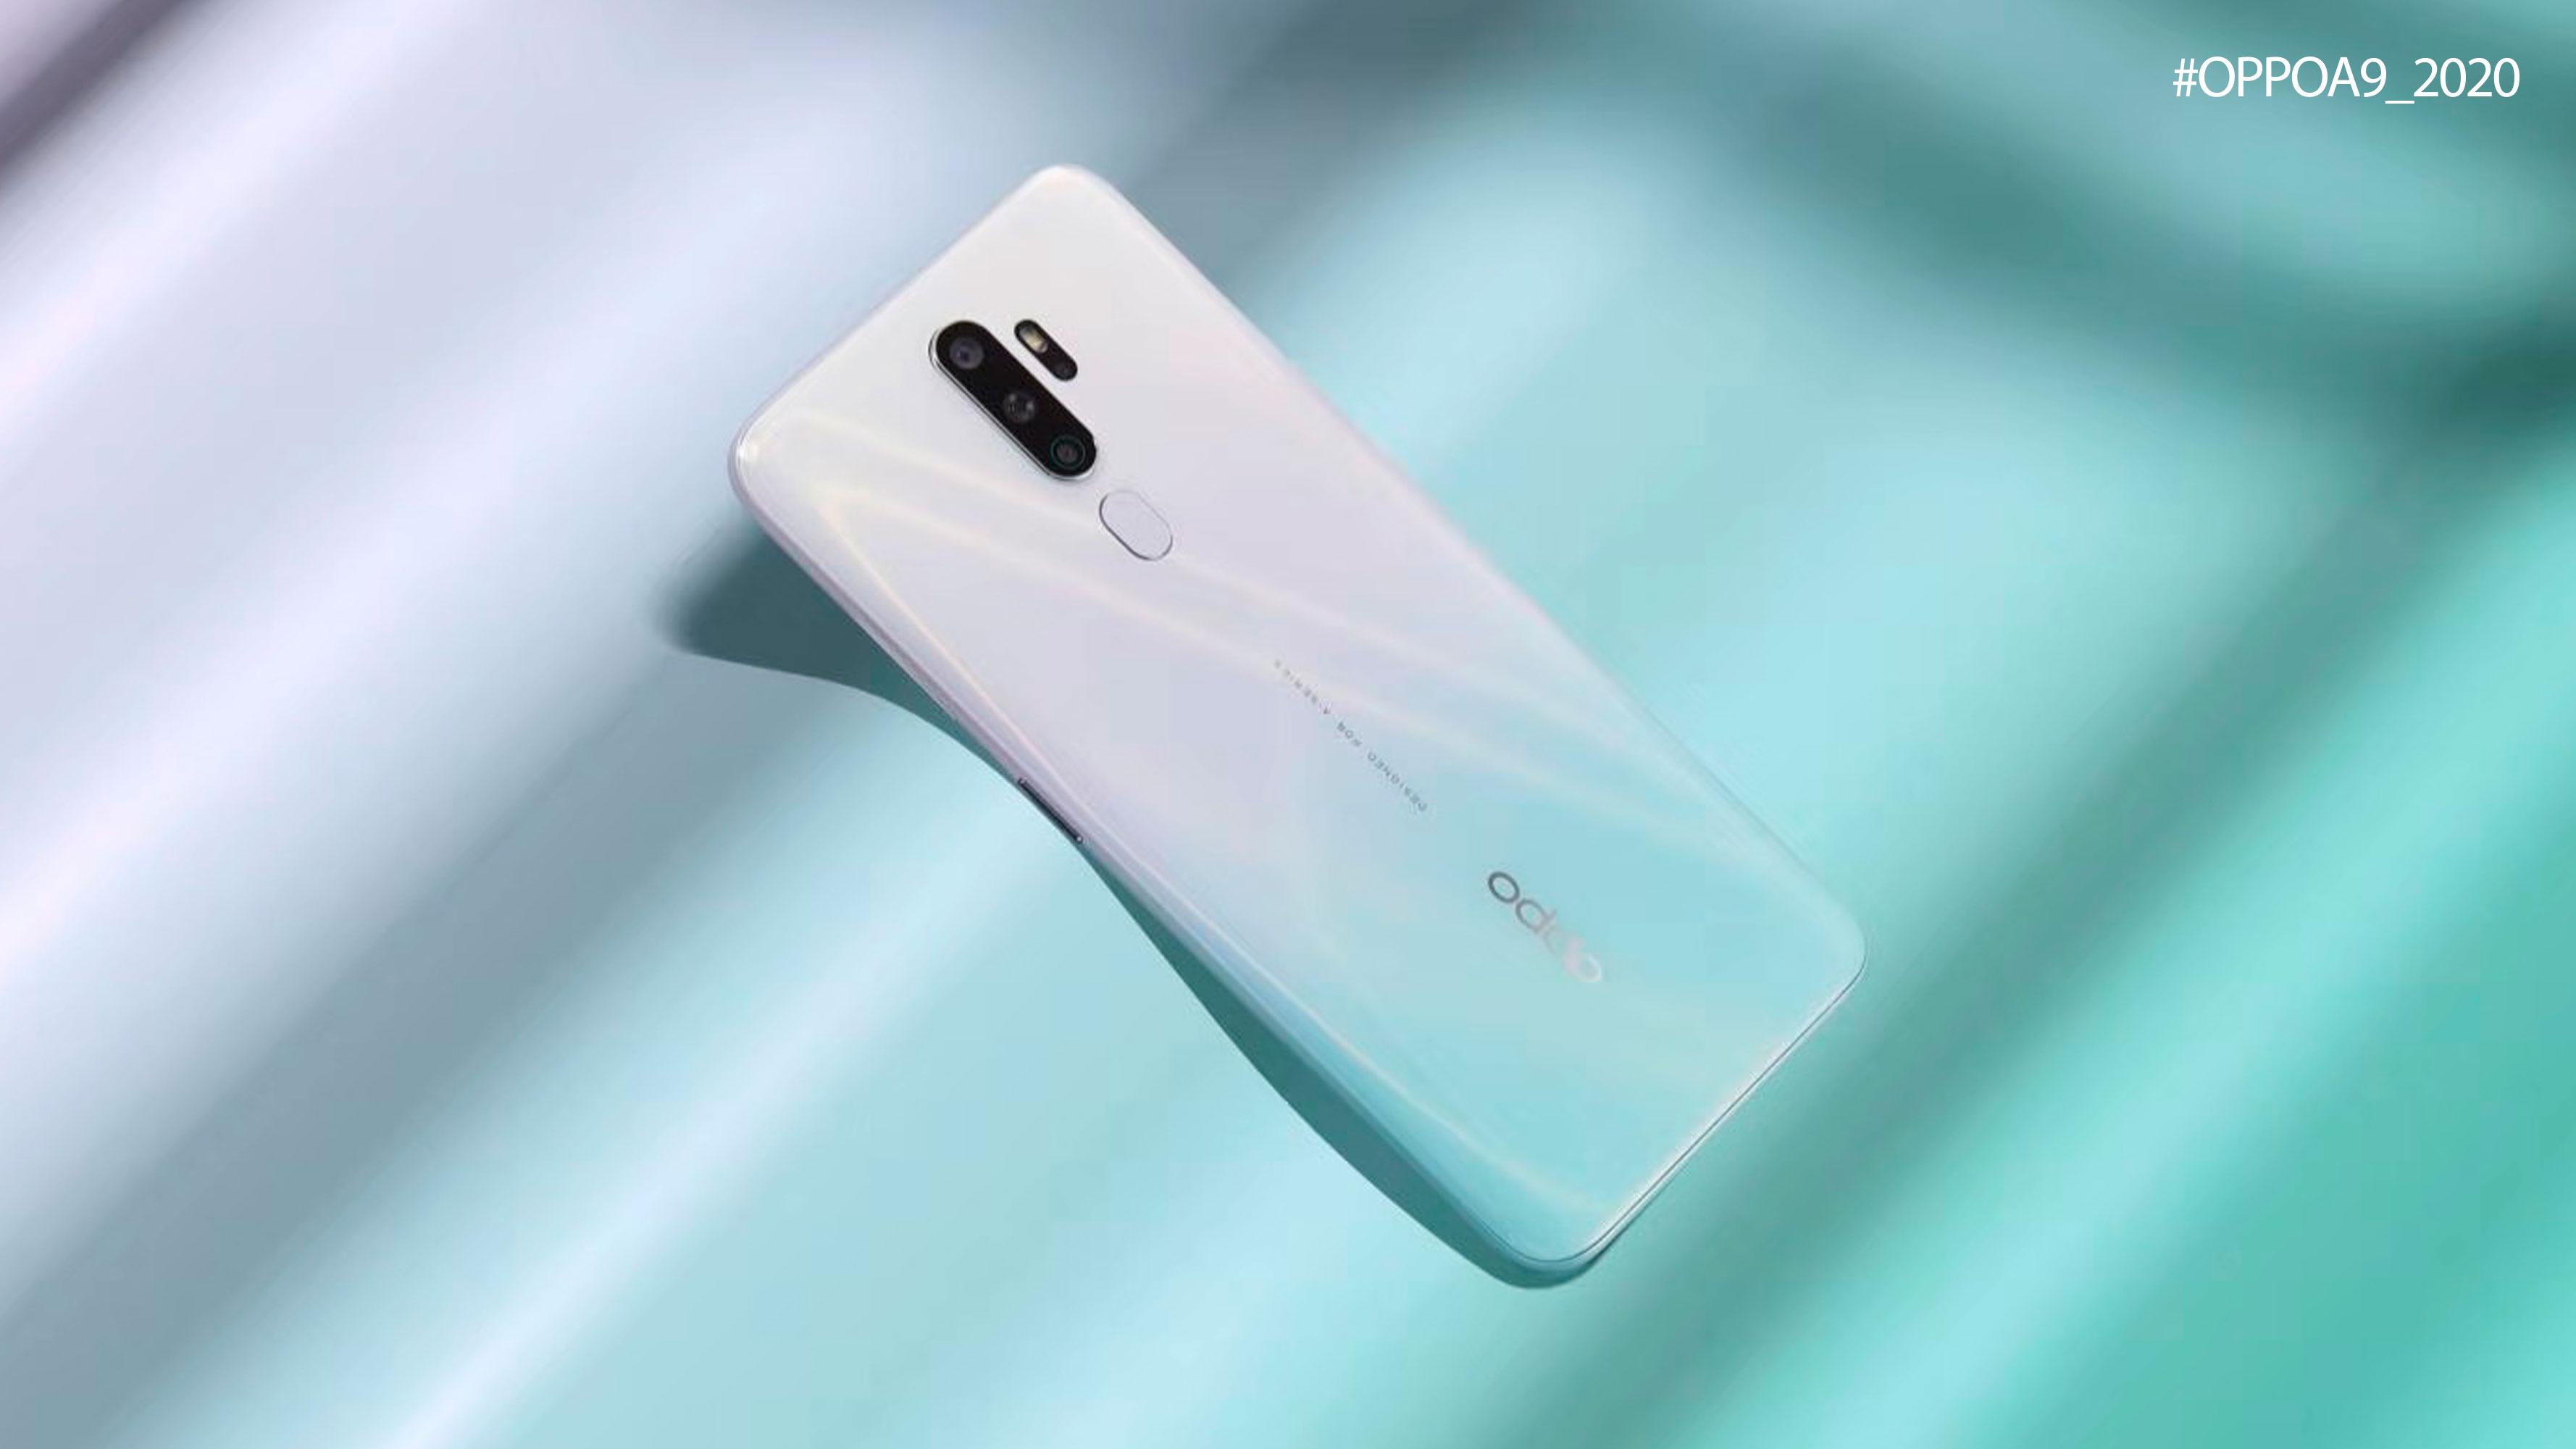 OPPO မှ စတိုင်ကျလှပတဲ့ OPPO A9 2020 Vanilla Mint (Limited Edition) အရောင်အသစ်ကို ထပ်မံမိတ်ဆက်